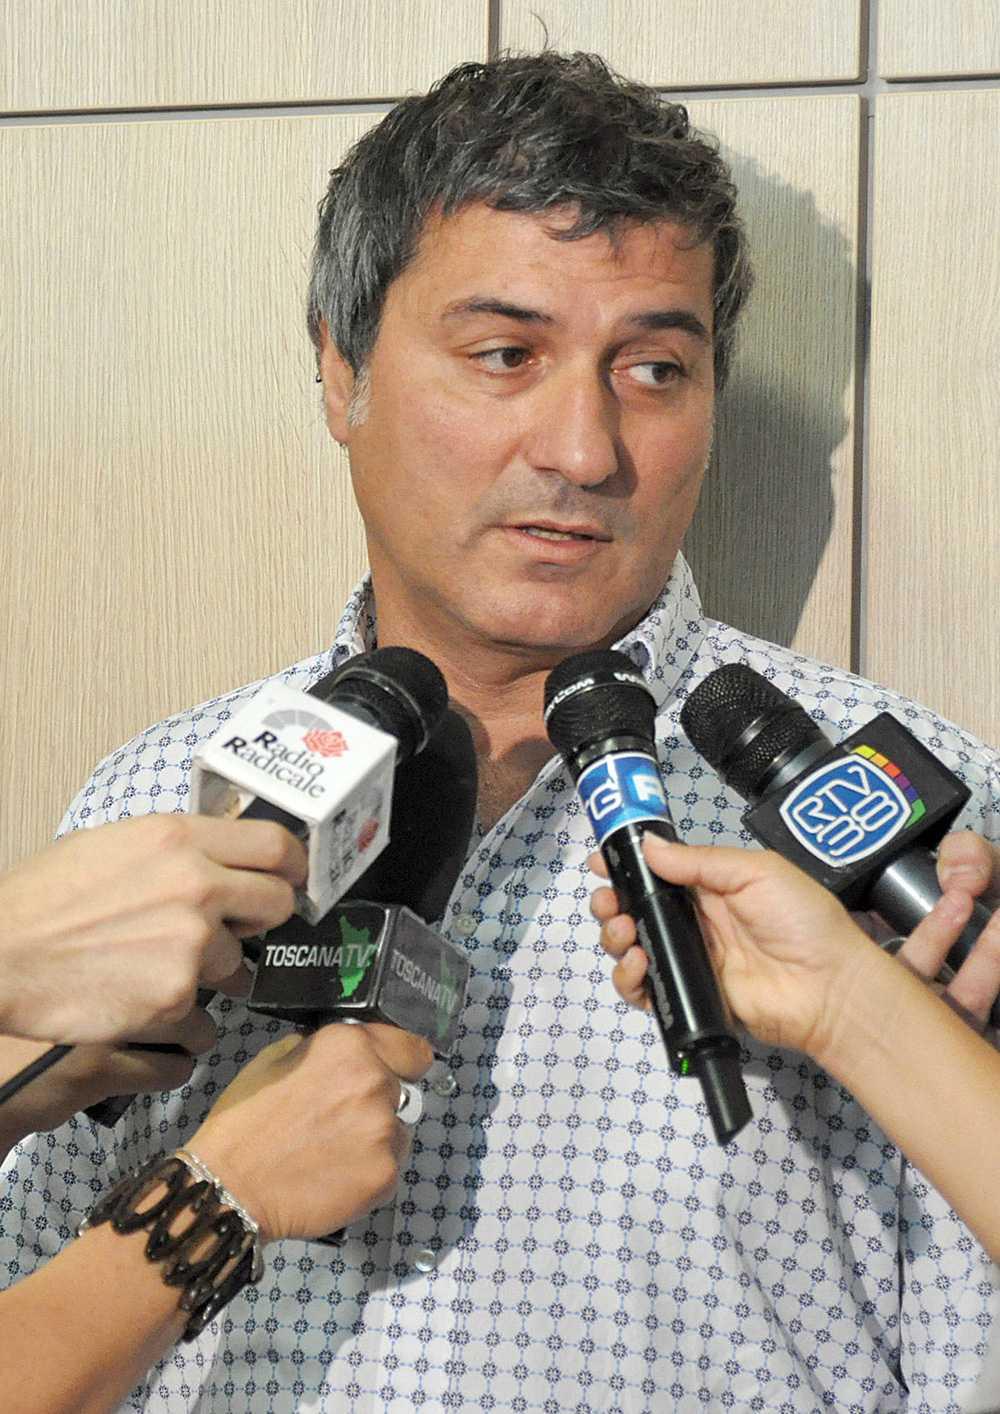 Paolo Macchiarini.